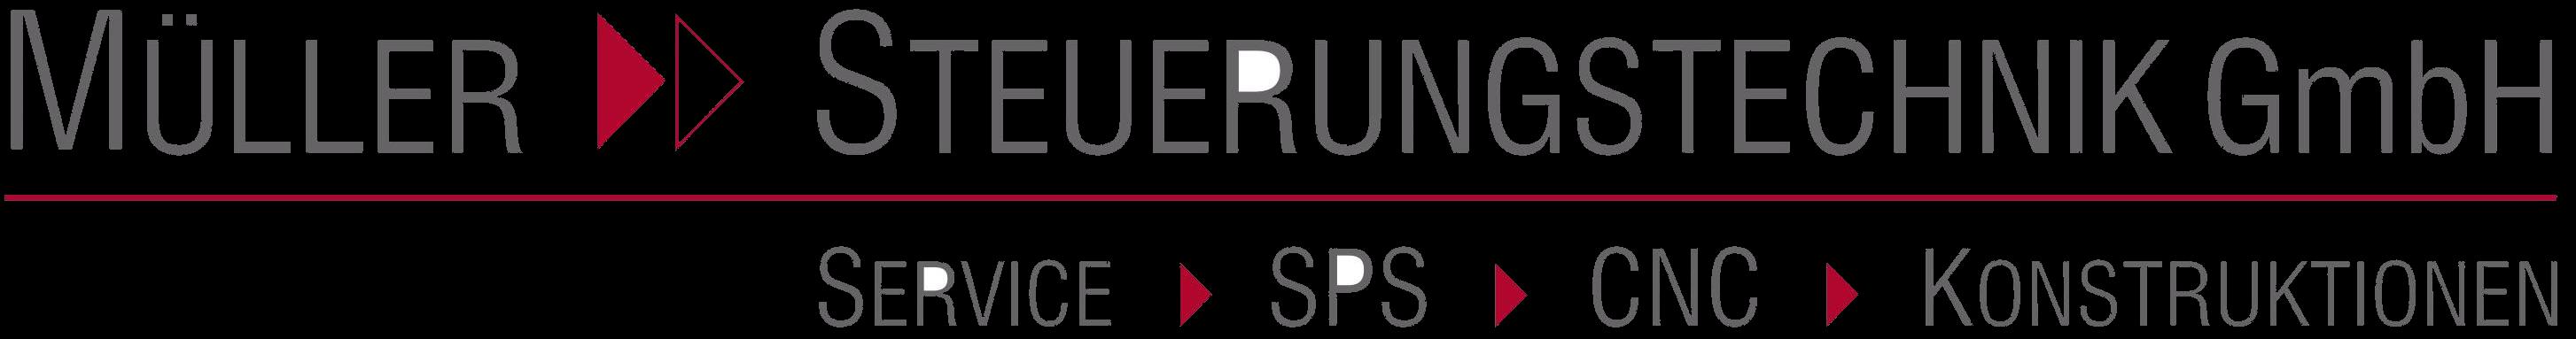 Müller Steuerungstechnik GmbH